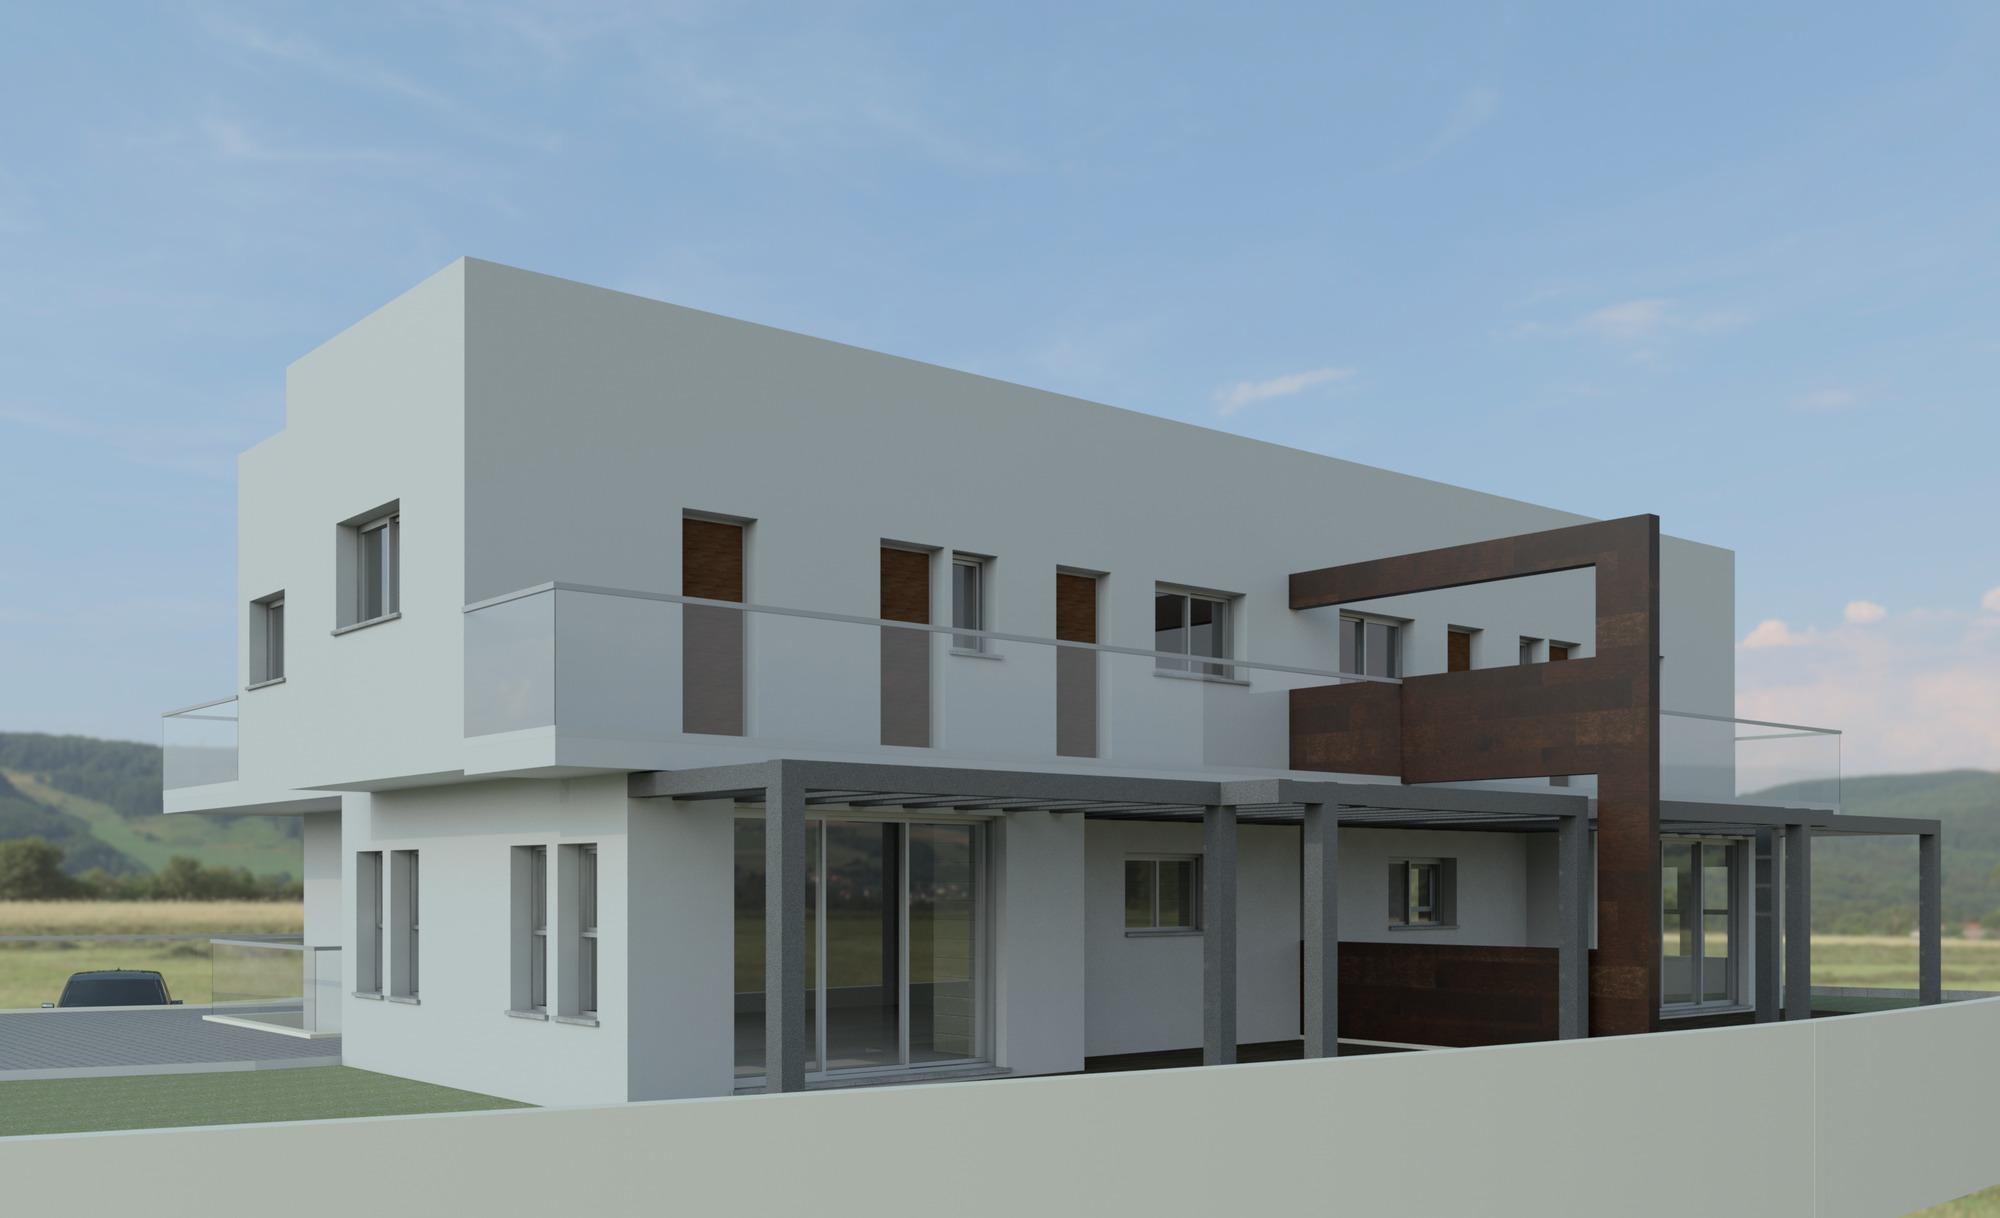 Raas-rendering20150418-14454-65yavr